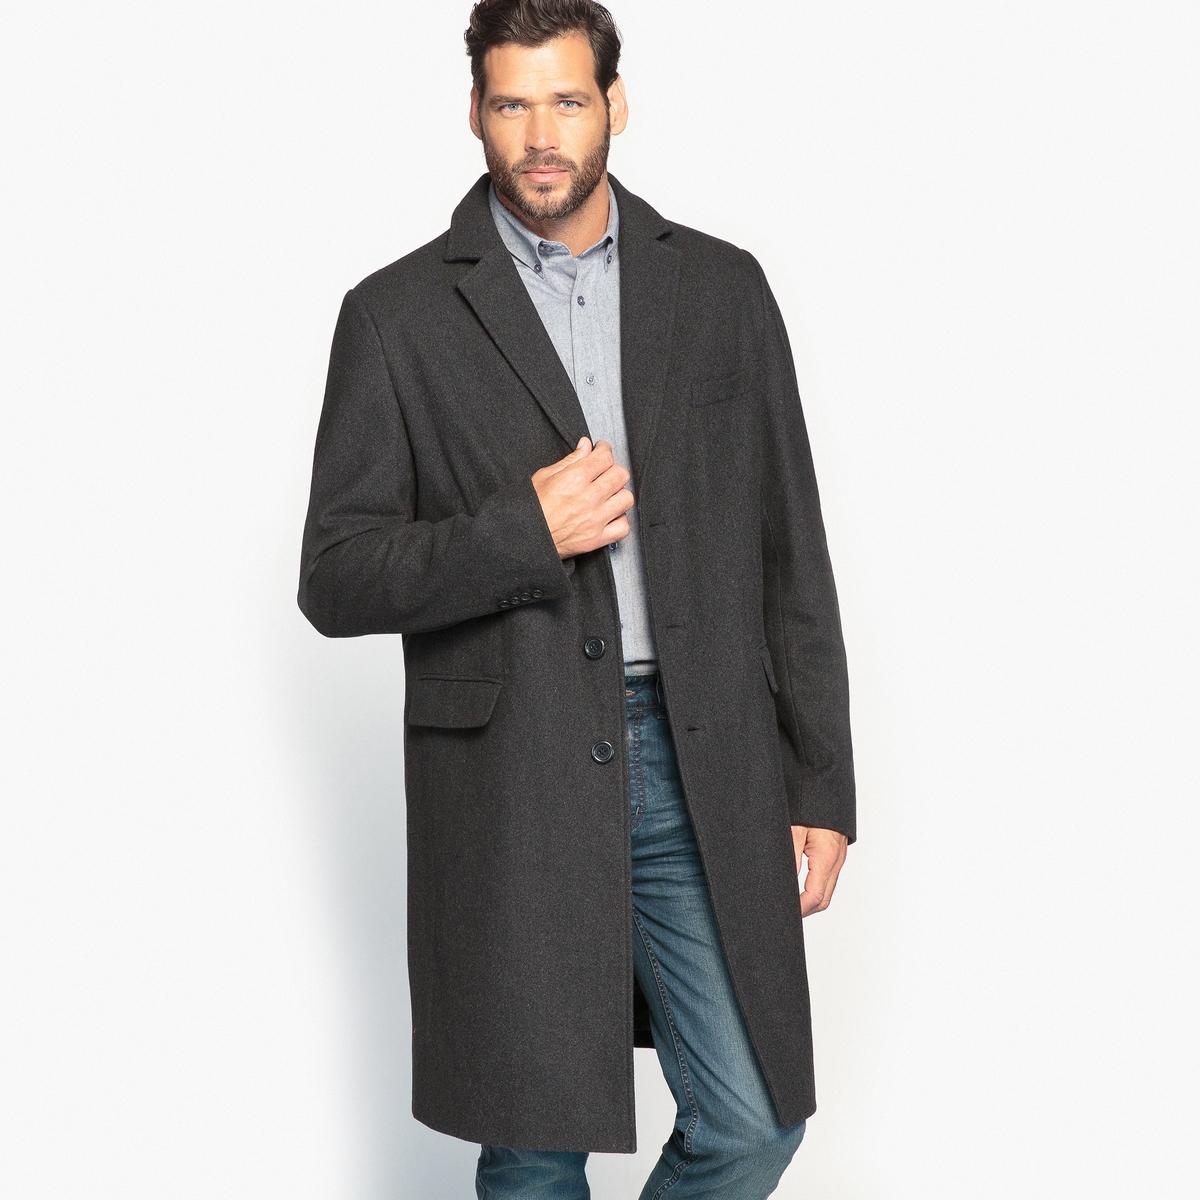 Пальто из шерстяного драпаОписание:Пальто из шерстяного драпа является неотъемлемым предметом мужского гардероба. Подойдет под образ в любом стиле: классическом или городском.Детали •  Длина : удлиненная модель •  Воротник-поло, рубашечный  • Застежка на пуговицыСостав и уход •  3% вискозы, 62% шерсти, 6% акрила, 2% хлопка • Не стирать •  Допускается чистка любыми растворителями / отбеливание запрещено •  Не использовать барабанную сушку •  Не гладить  Товар из коллекции больших размеров •  2 кармана с клапанами.<br><br>Цвет: антрацит